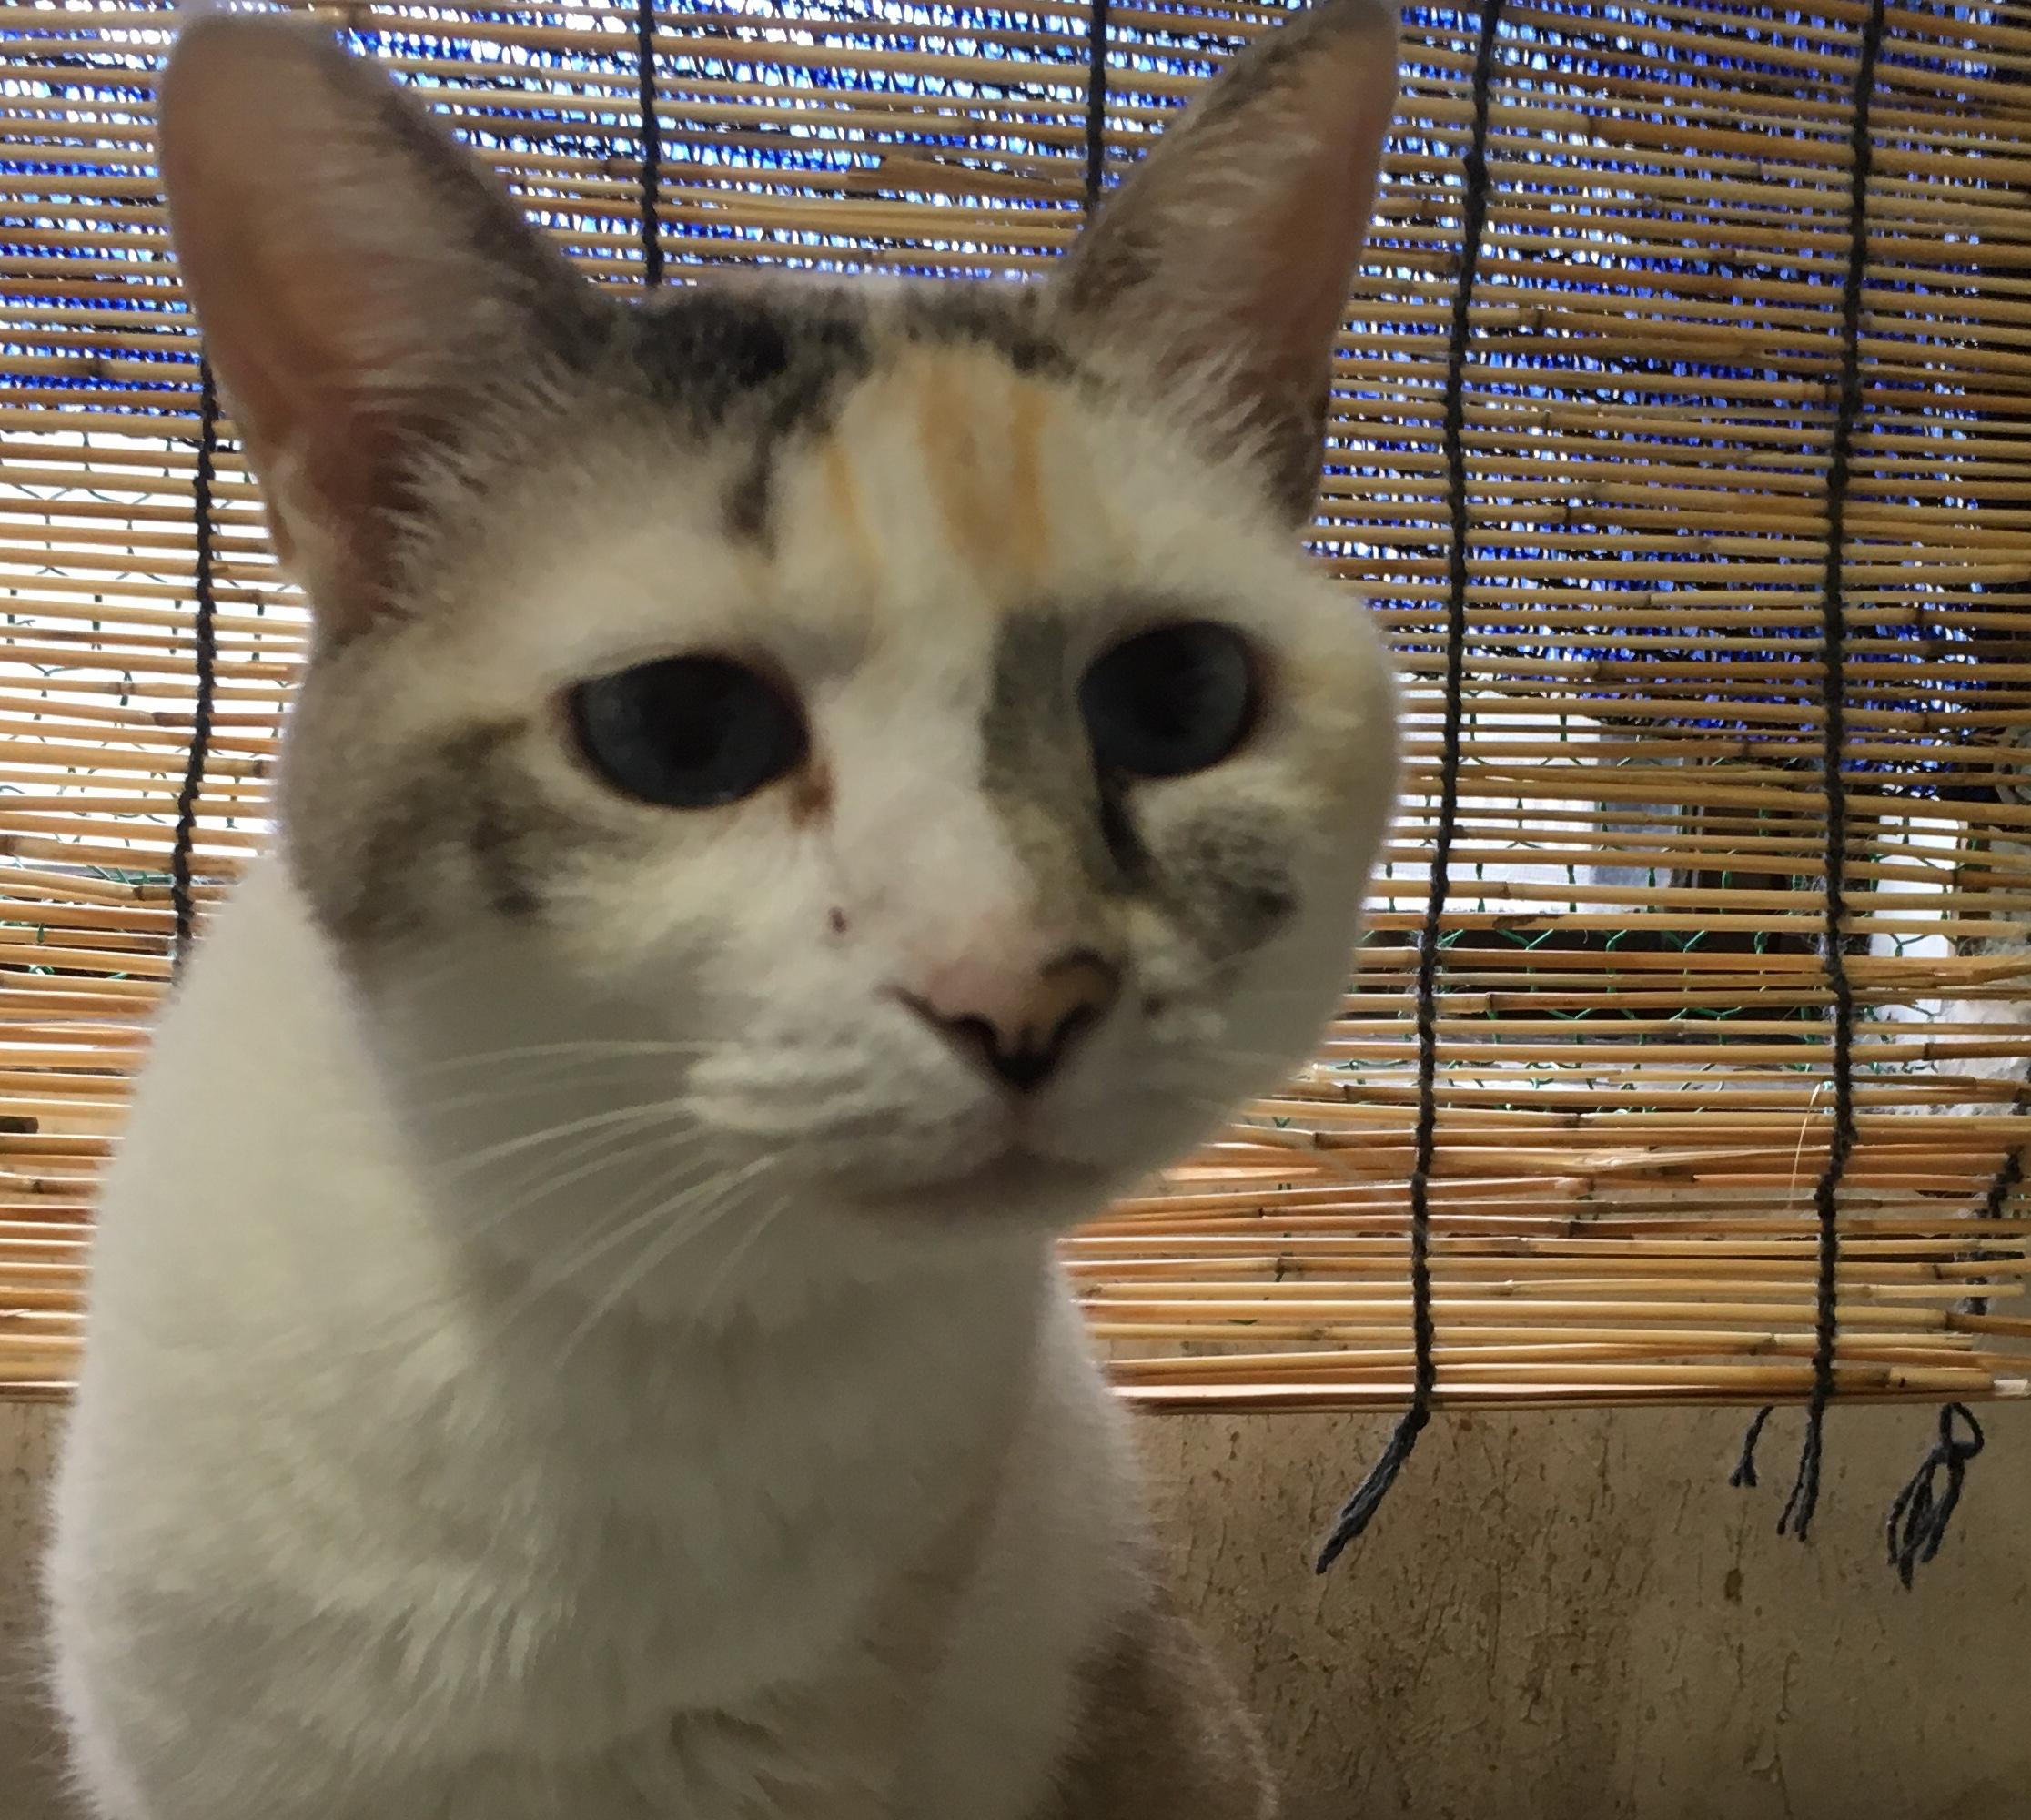 <ul> <li>H8-6</li> <li>猫種:日本猫 うすい三毛</li> <li>性別:女の子</li> <li>名前:にゃん</li> <li>年齢:14才</li> <li>保護経緯:引っ越しのため飼育困難になりました</li> <li>その他:避妊済み</li> </ul>